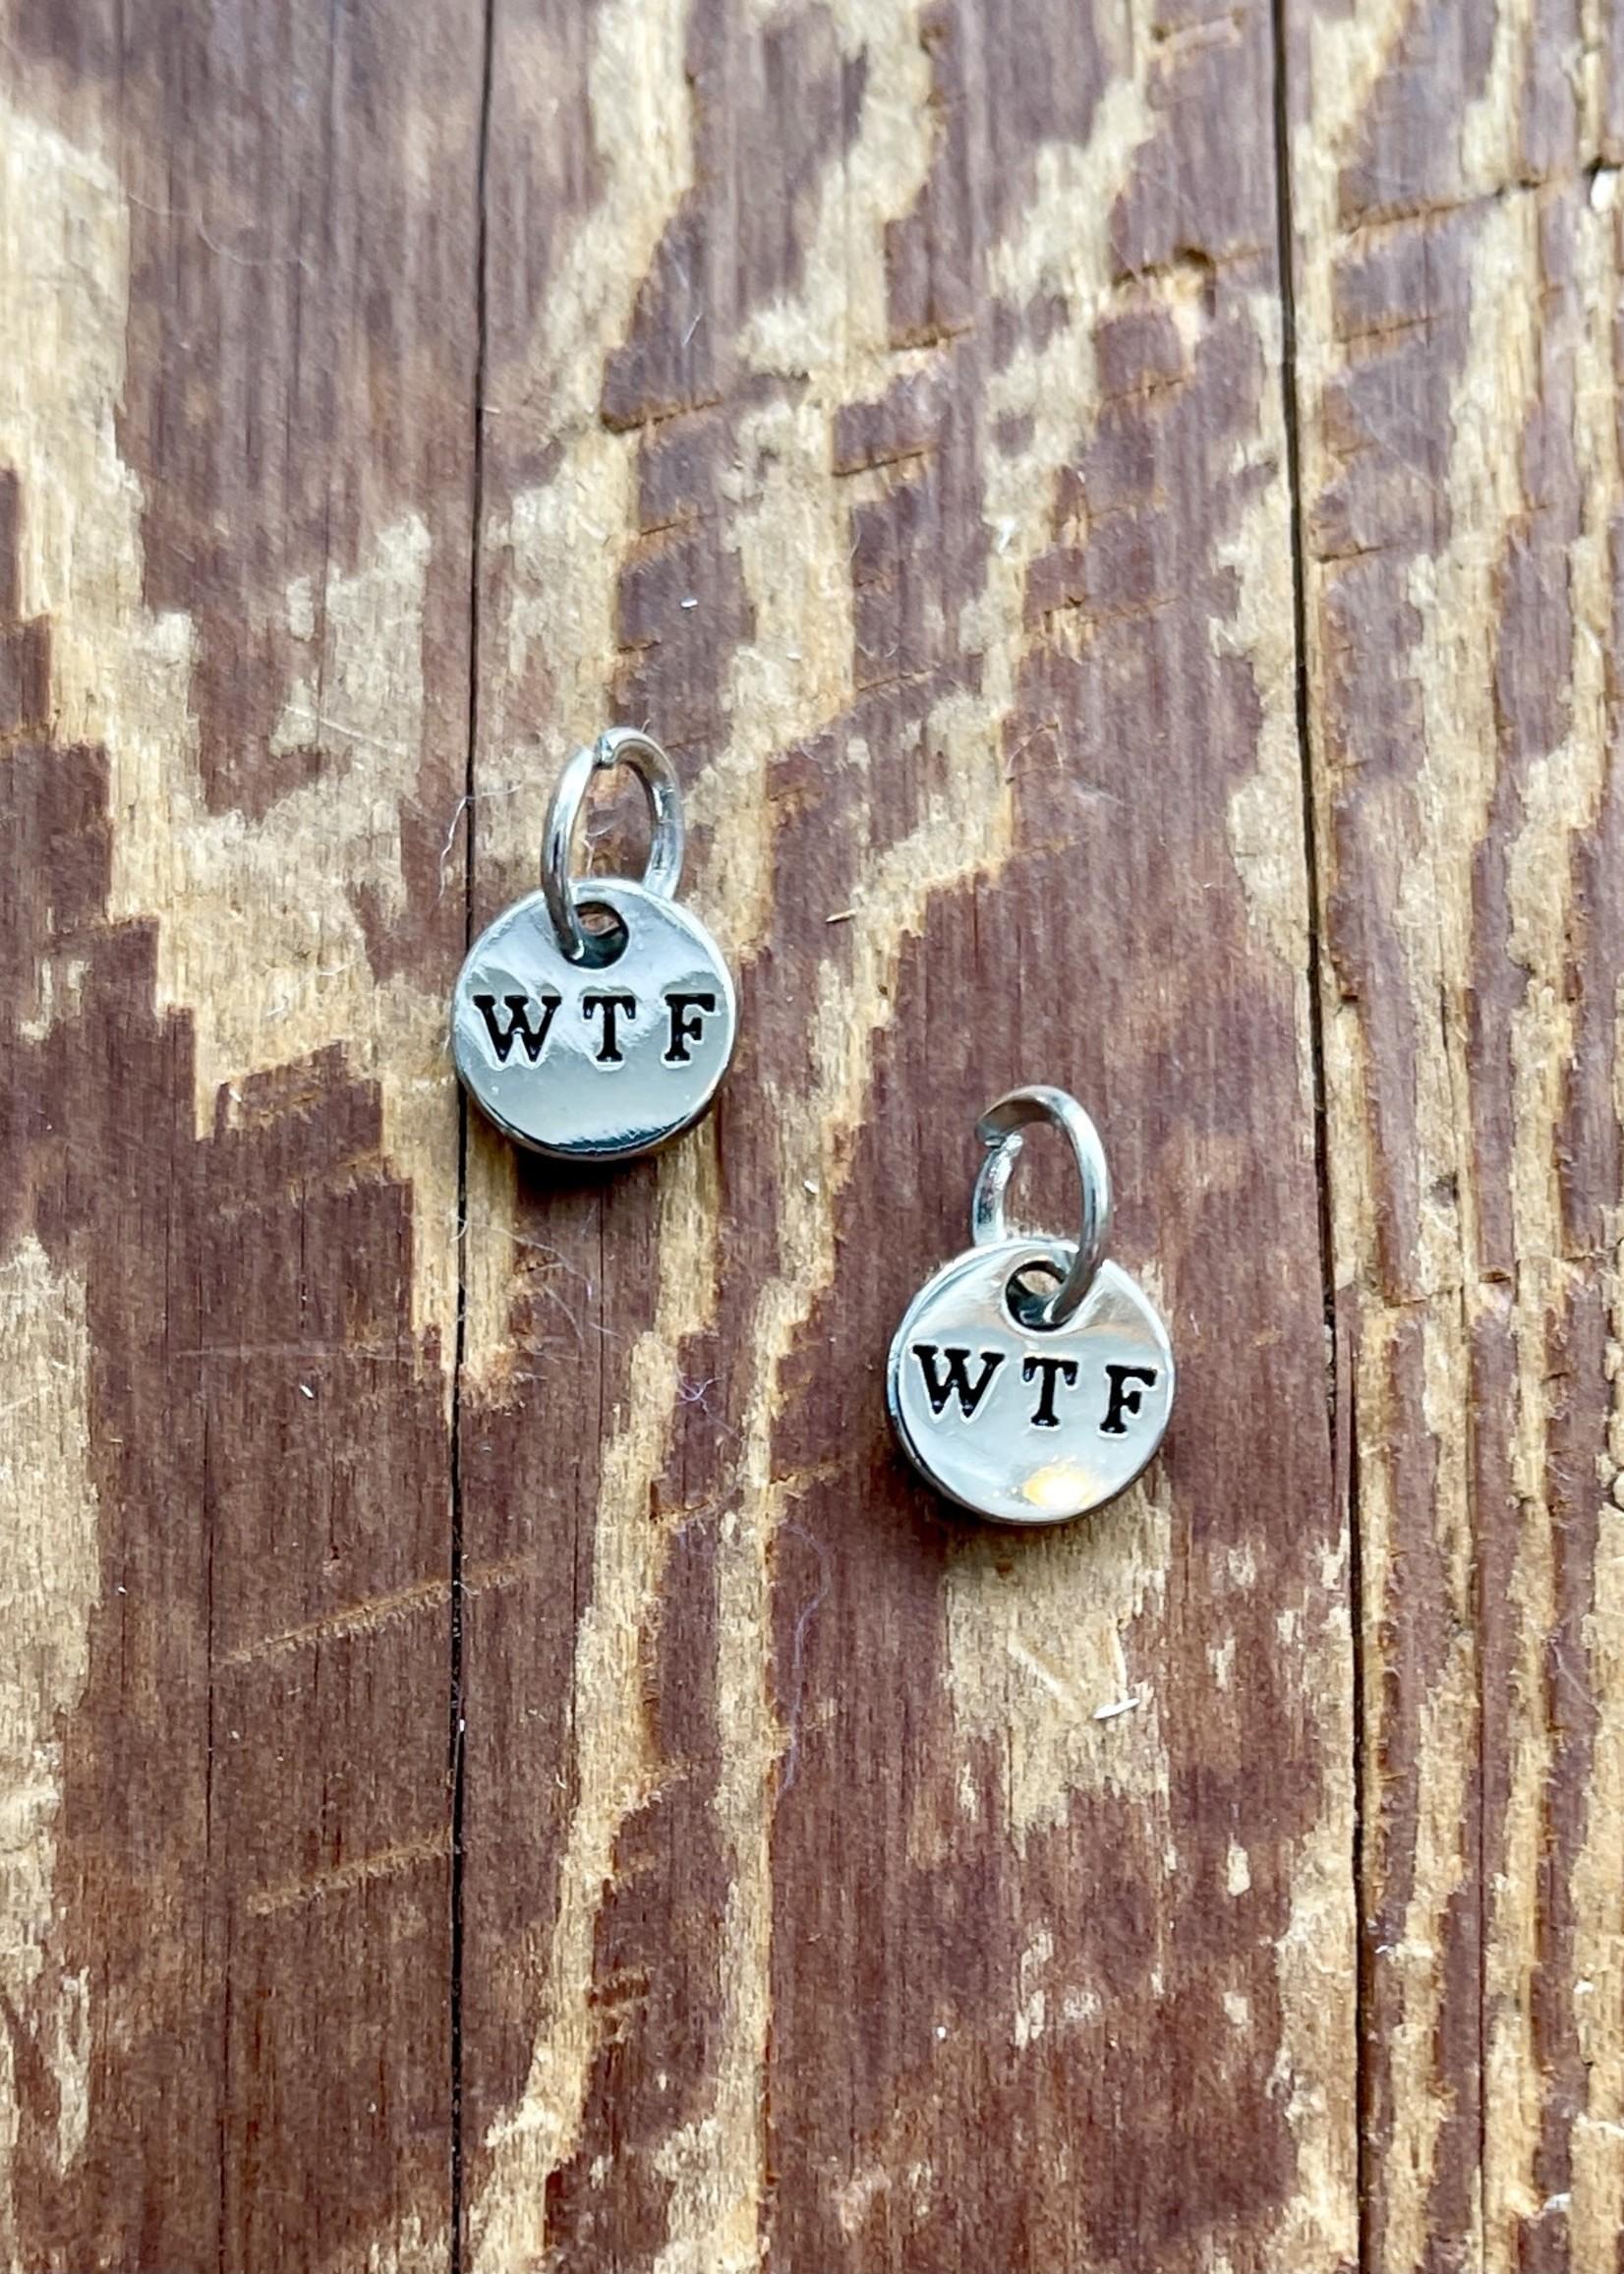 Wonder Twin Fibrearts WTF Stitch Markers